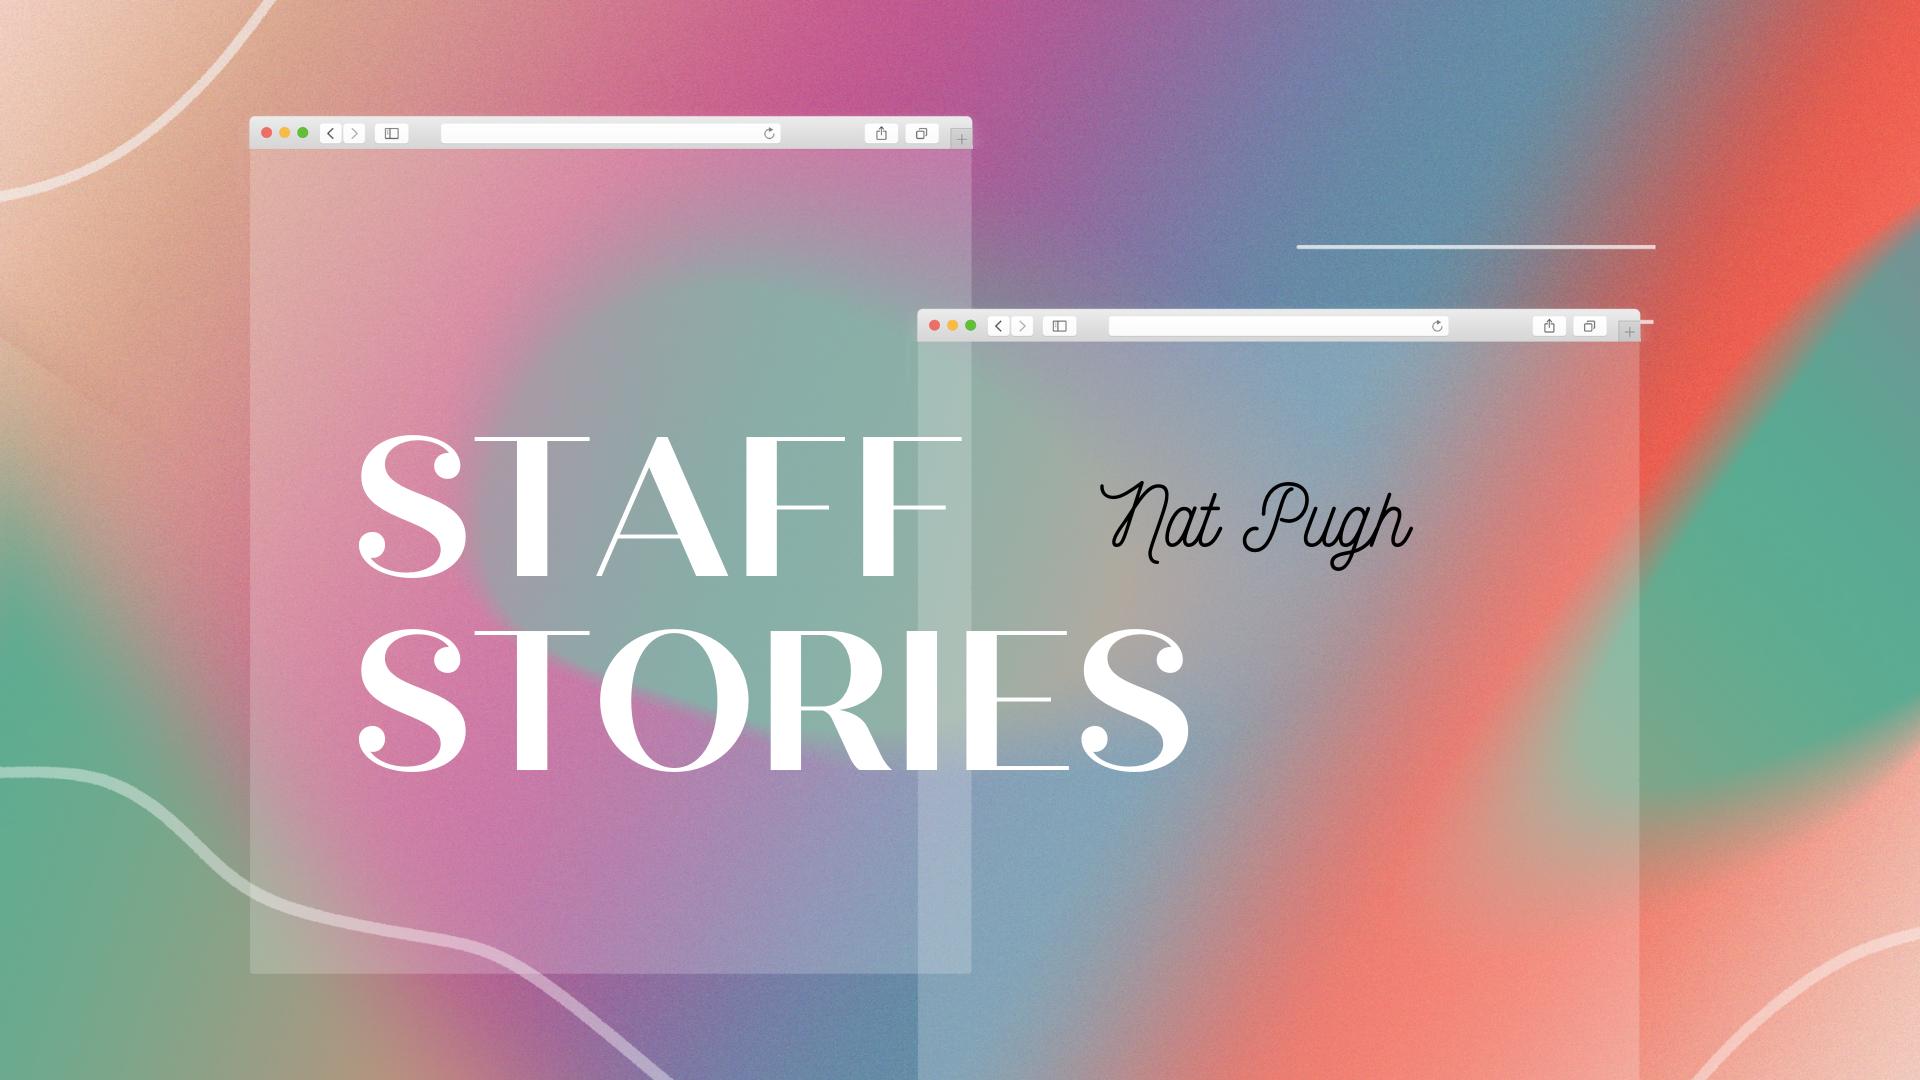 Staff Stories: Nat Pugh